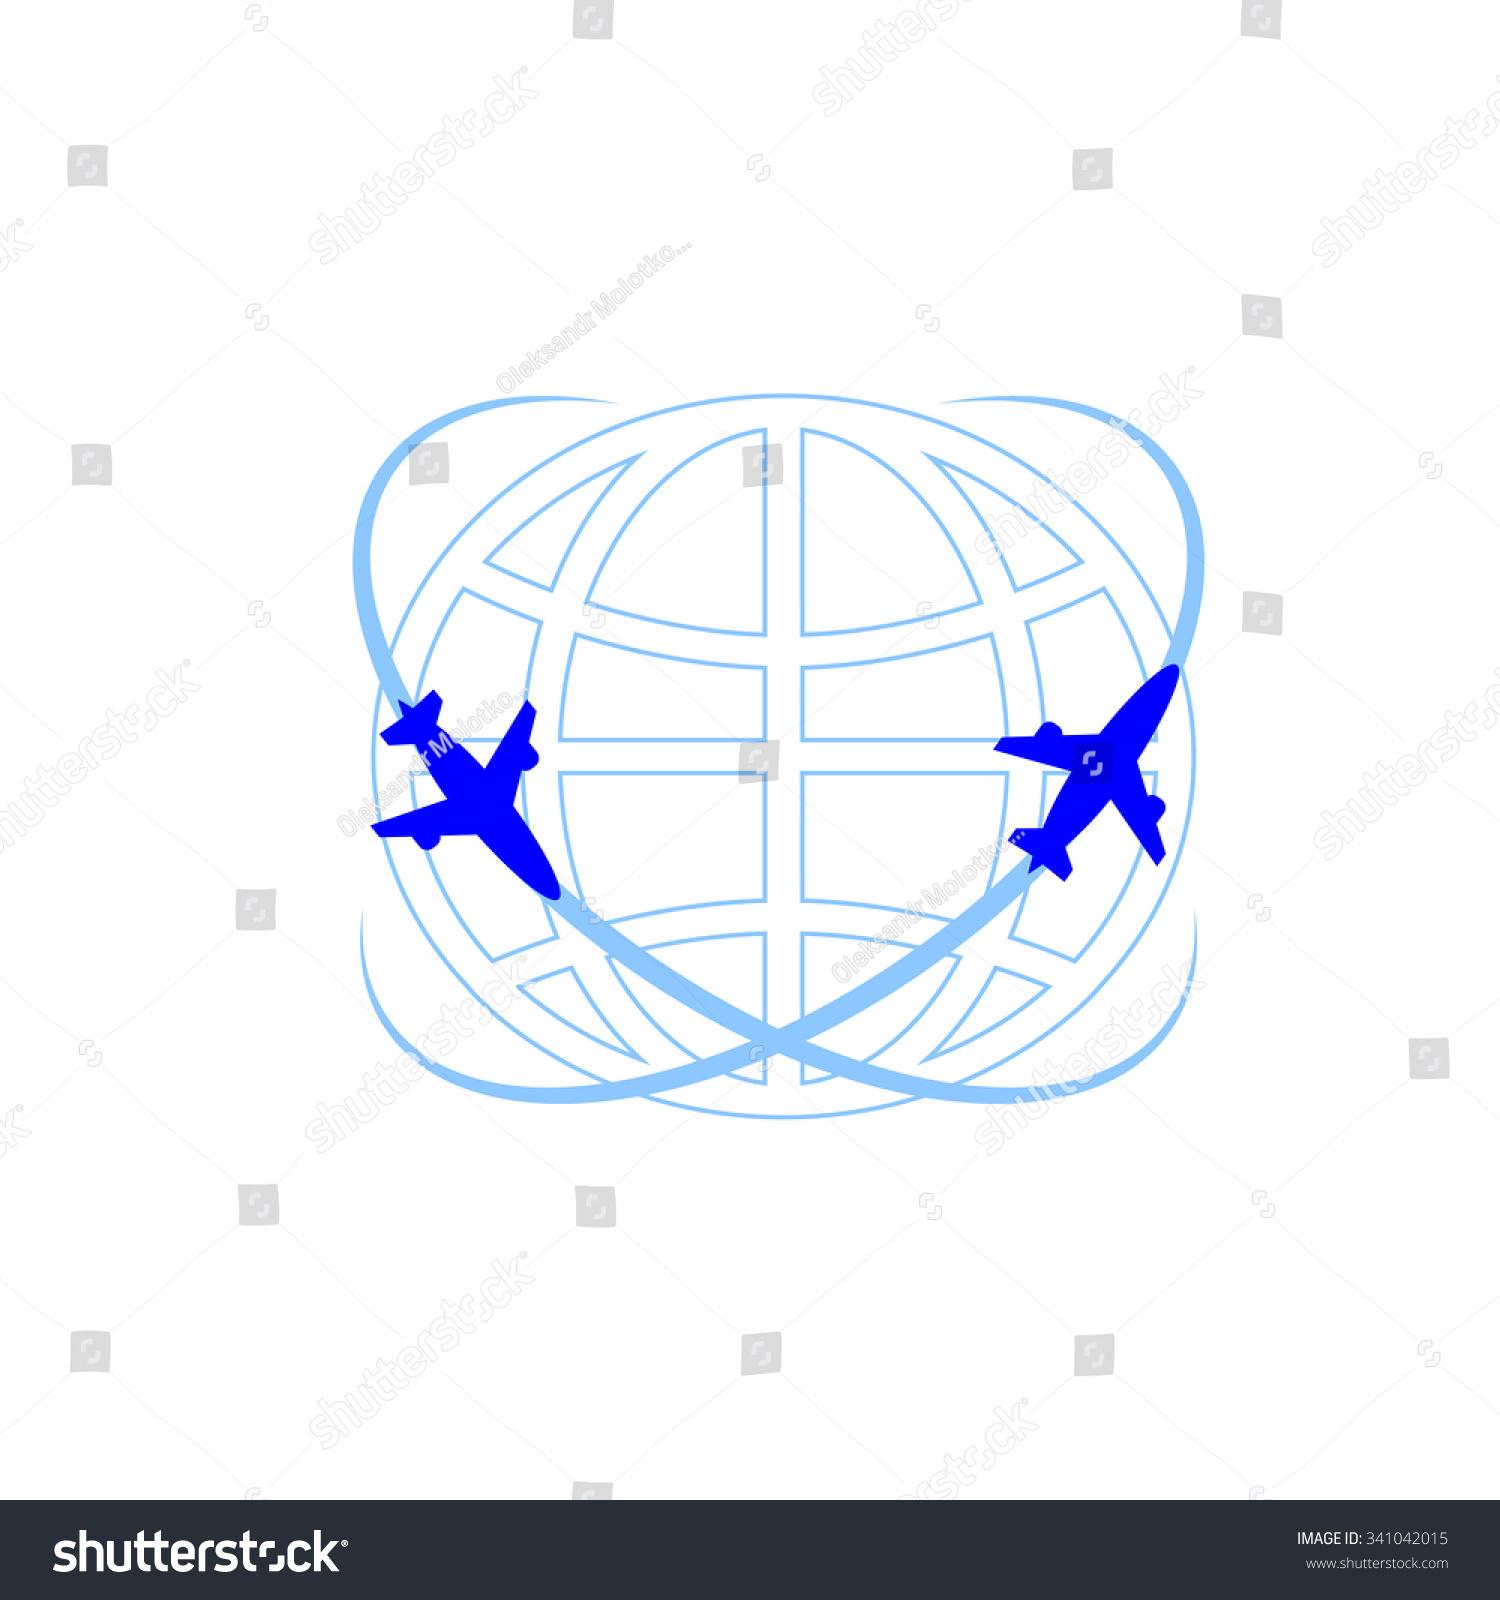 矢量飞机和地球图标.世界各地的图标.-交通运输,符号